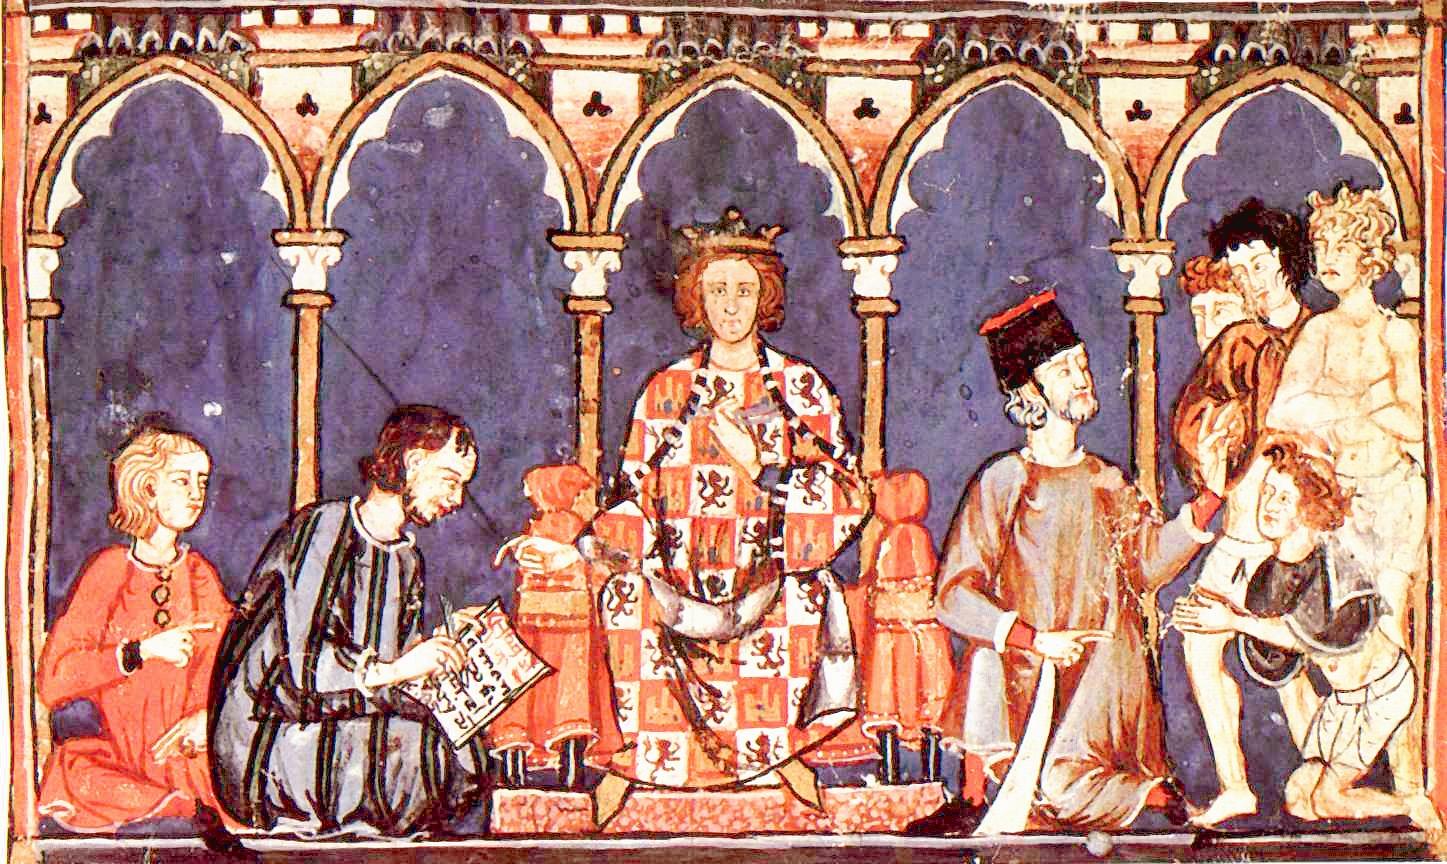 http://tenthmedieval.files.wordpress.com/2009/07/alfonso_x_el_sabio_y_su_corte.jpg